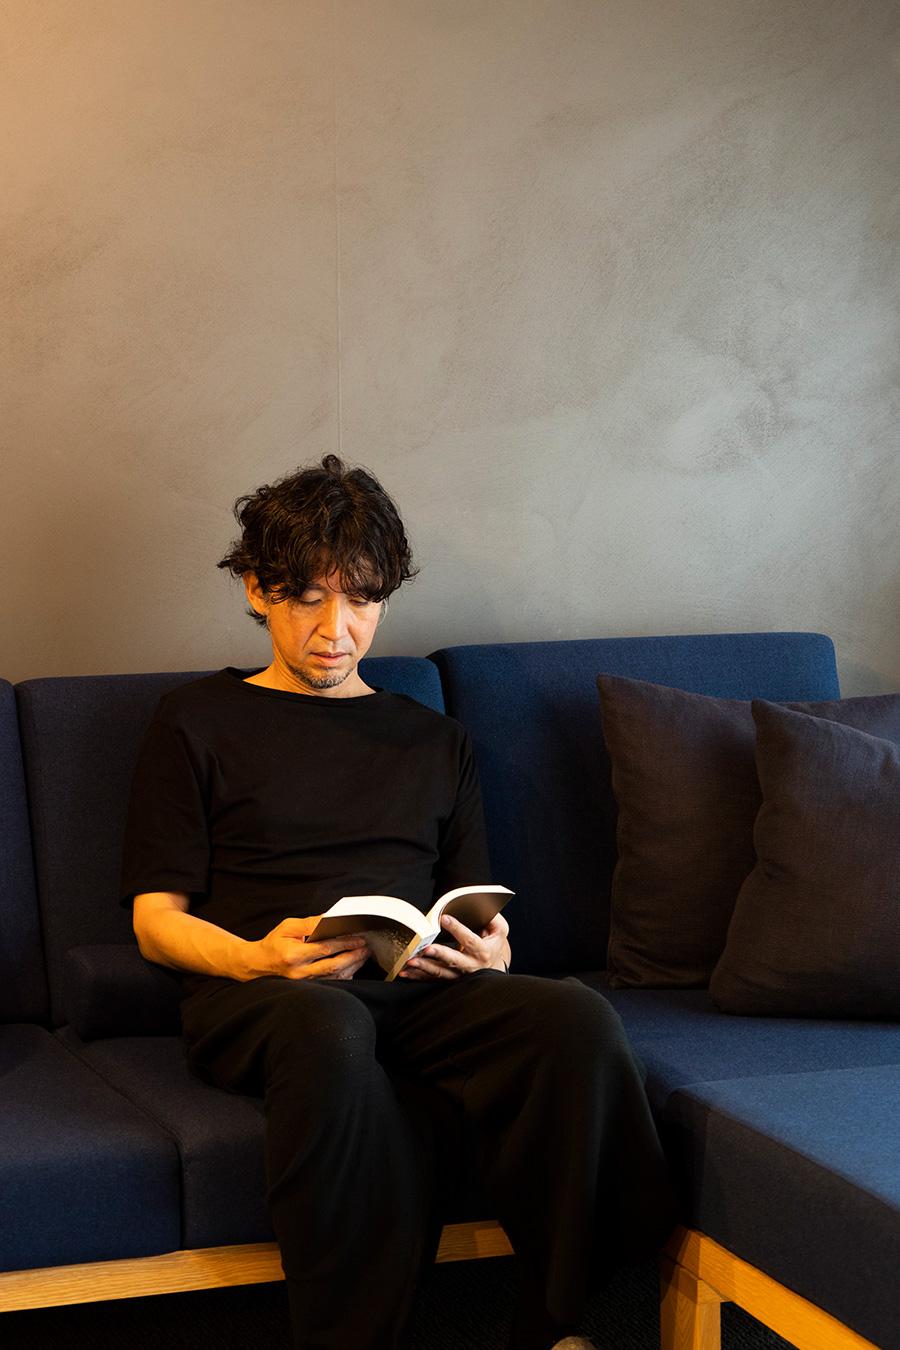 蘆田暢人建築設計事務所代表・蘆田暢人さん。都市計画から住宅設計、家具のプロダクトまで様々なプロジェクトに携わる。